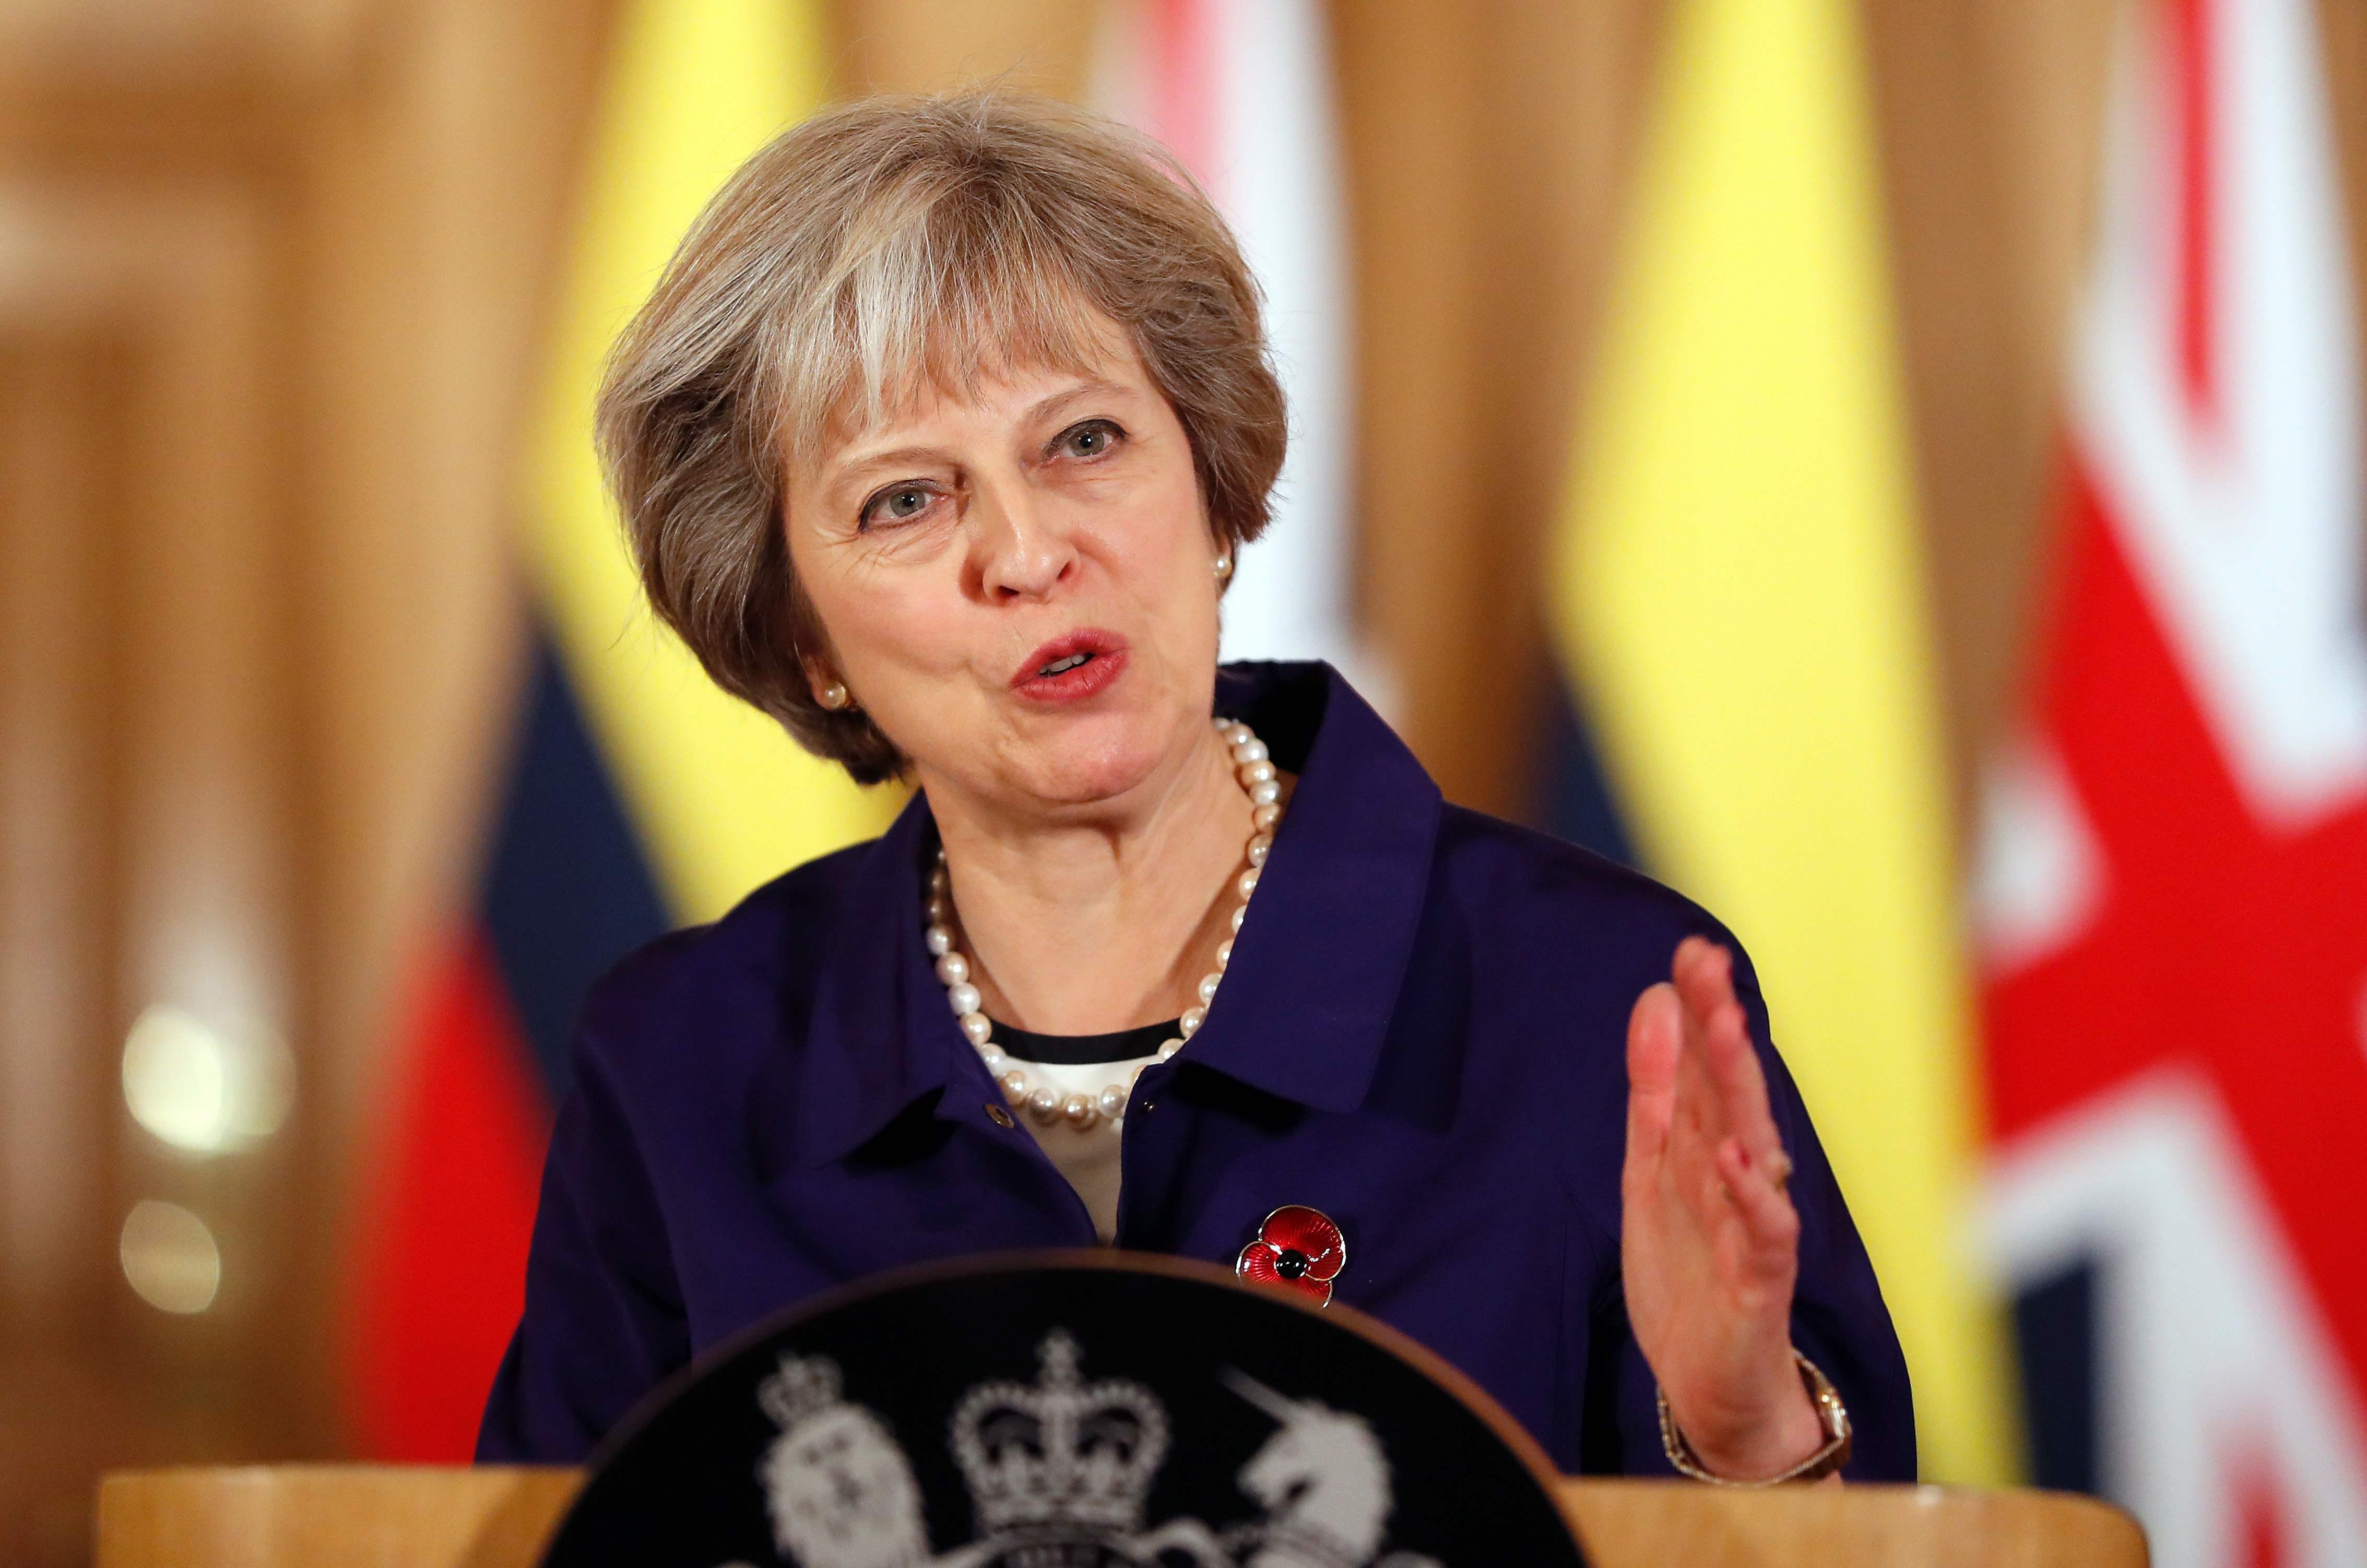 Câmara dos Lordes exige garantir direitos dos europeus no Reino Unido